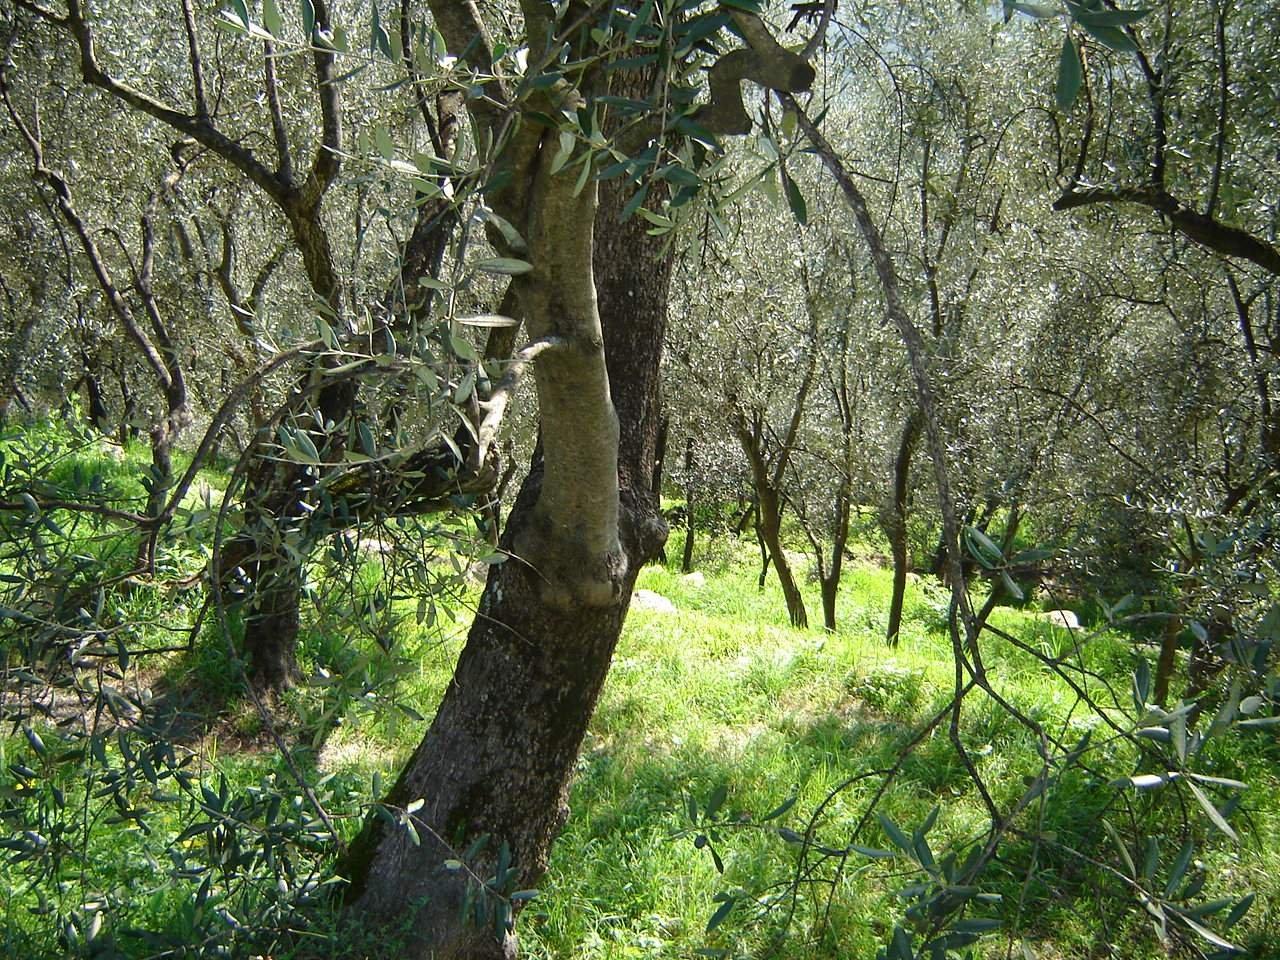 La Liguria olivicola, con i suoi muri a secco, è una regione verticale